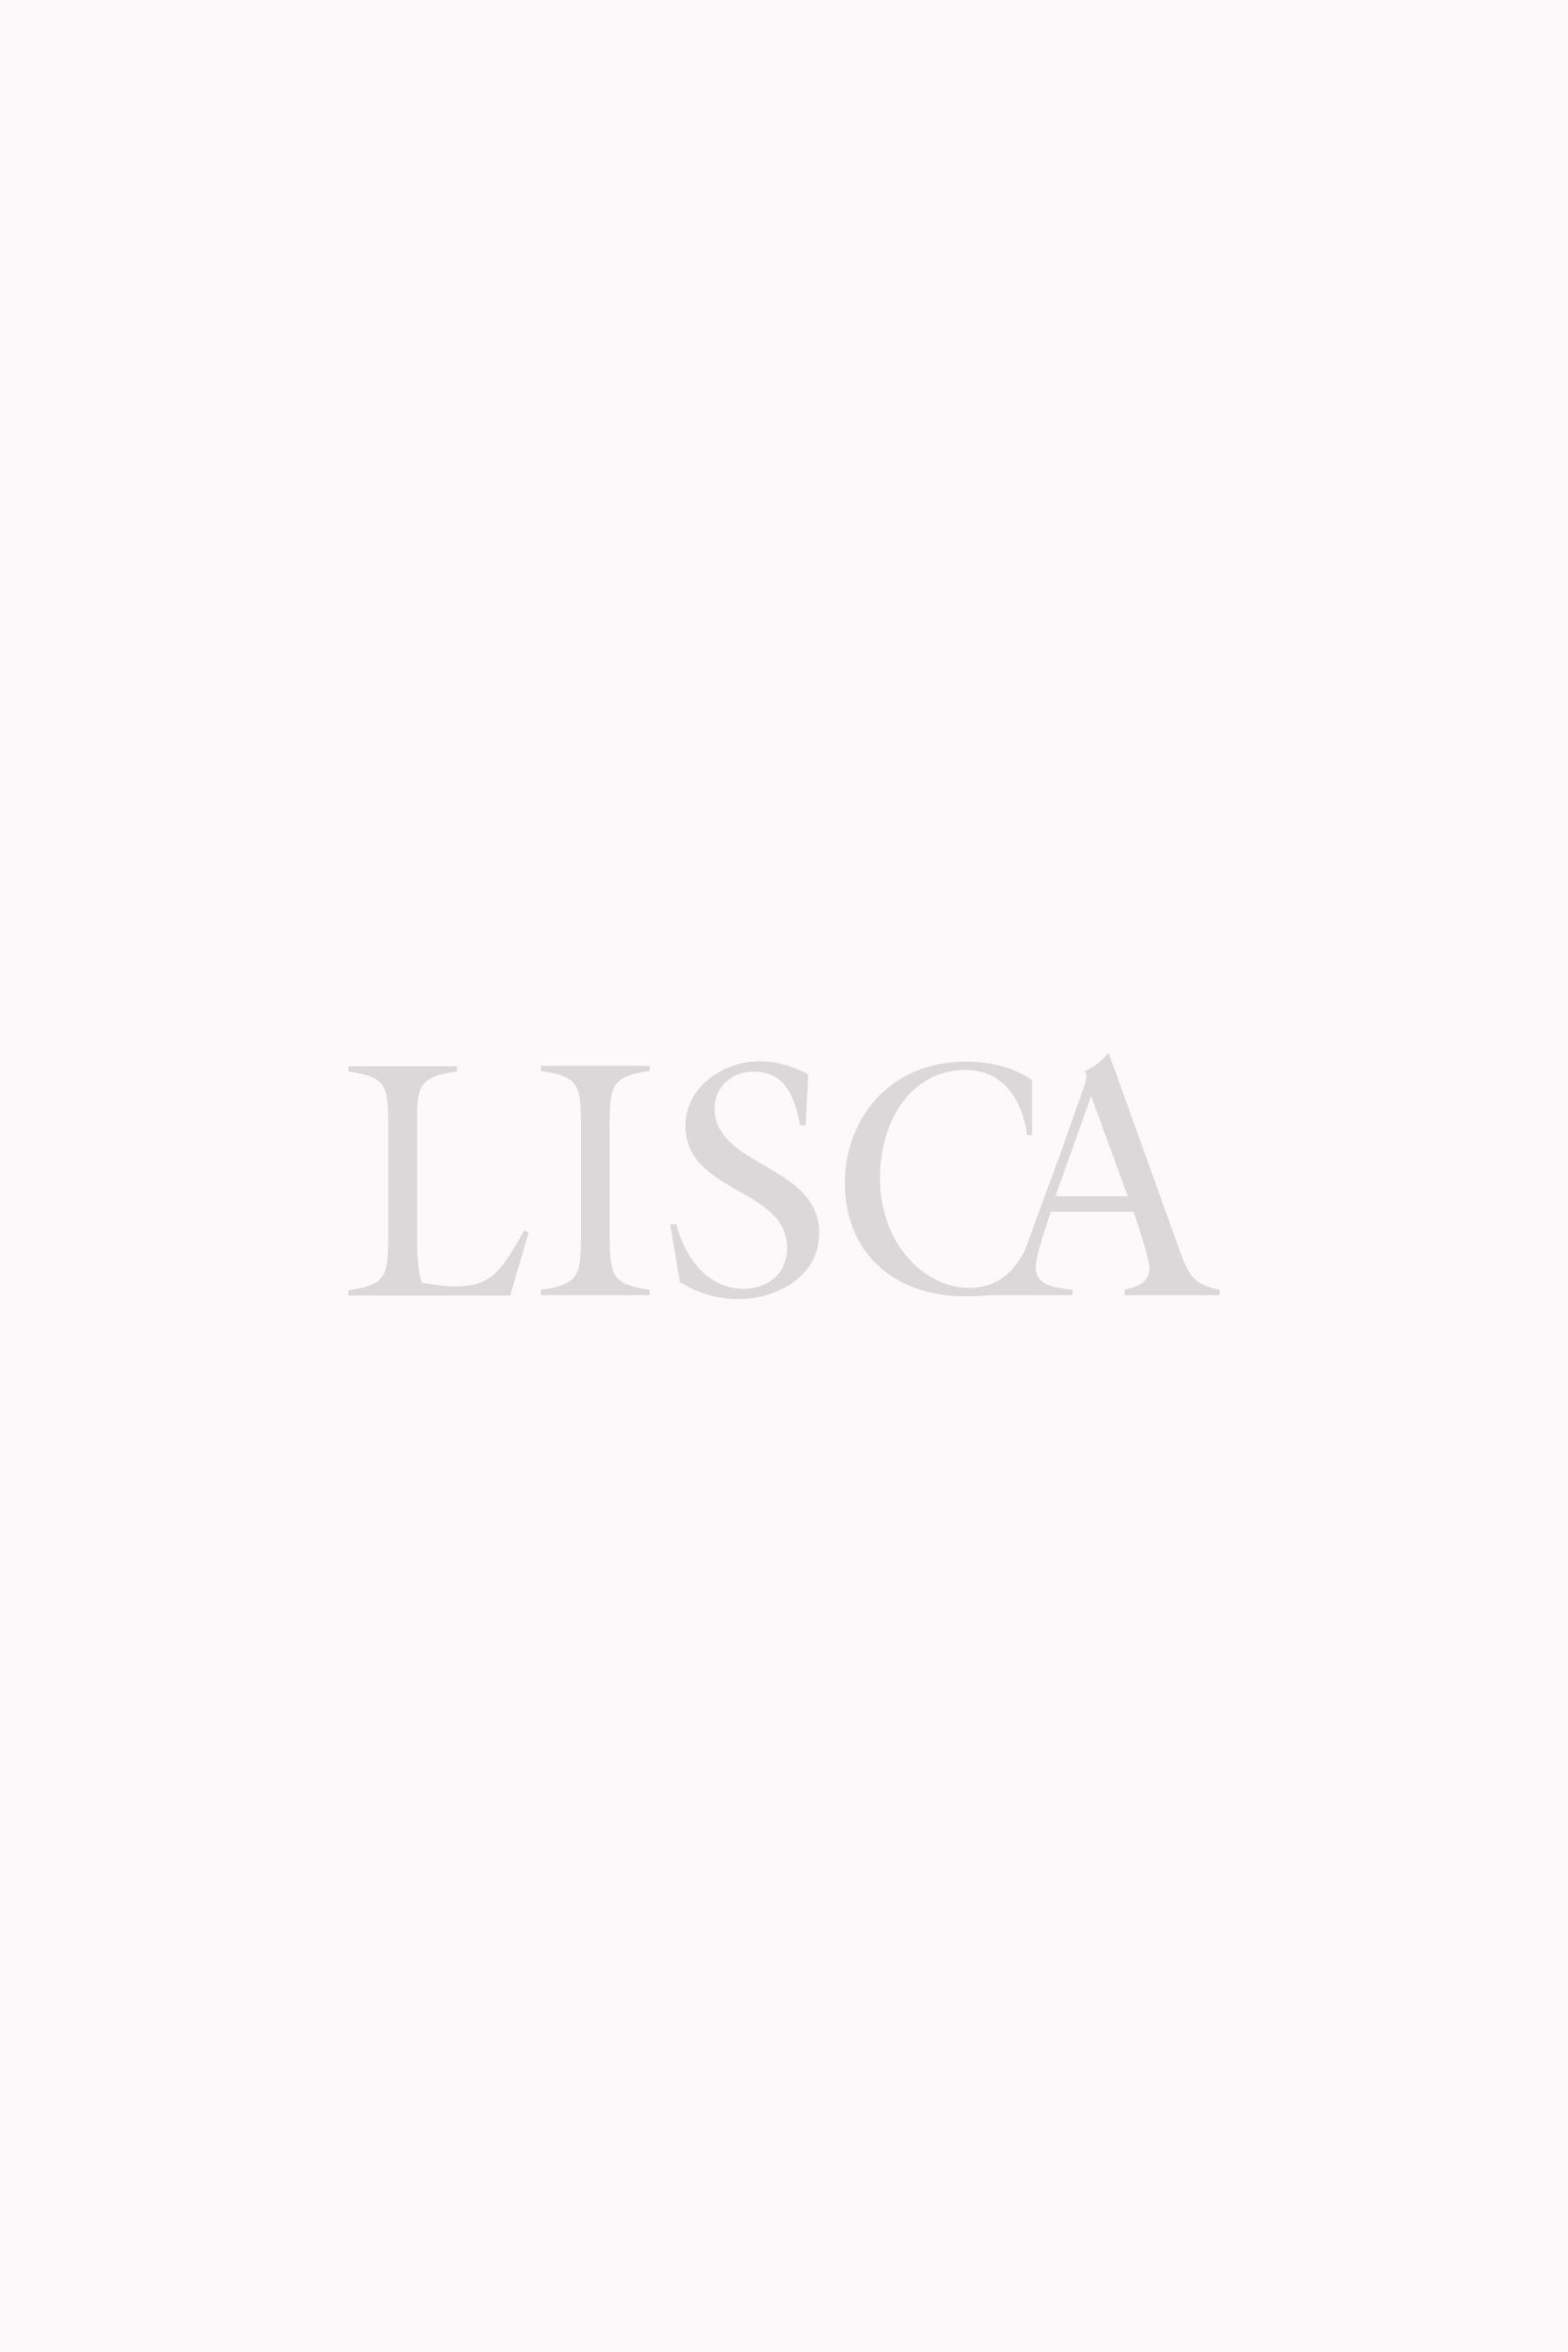 Jednodijelni kupaći kostim »Copacabana« bez žice